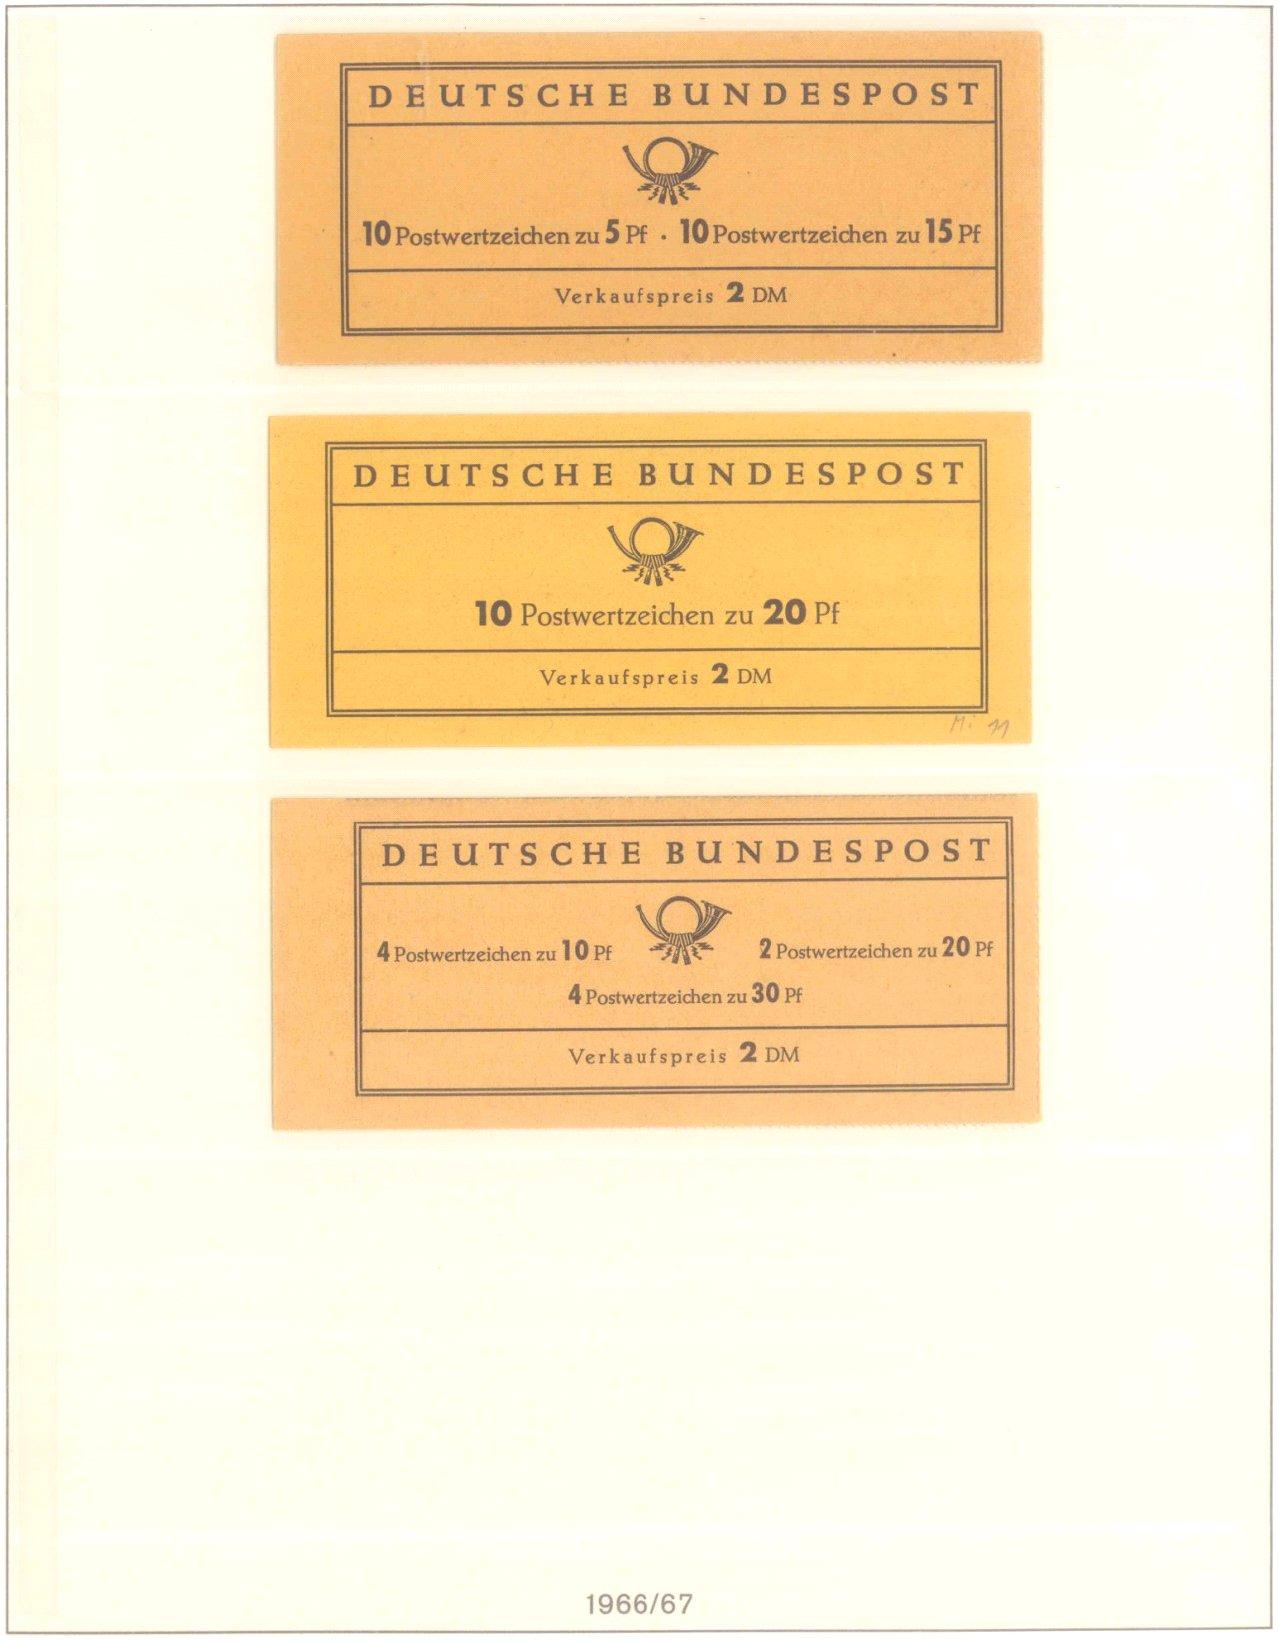 Markenheftchensammlung, Bund, Berlin, DDR, Alle Welt-7